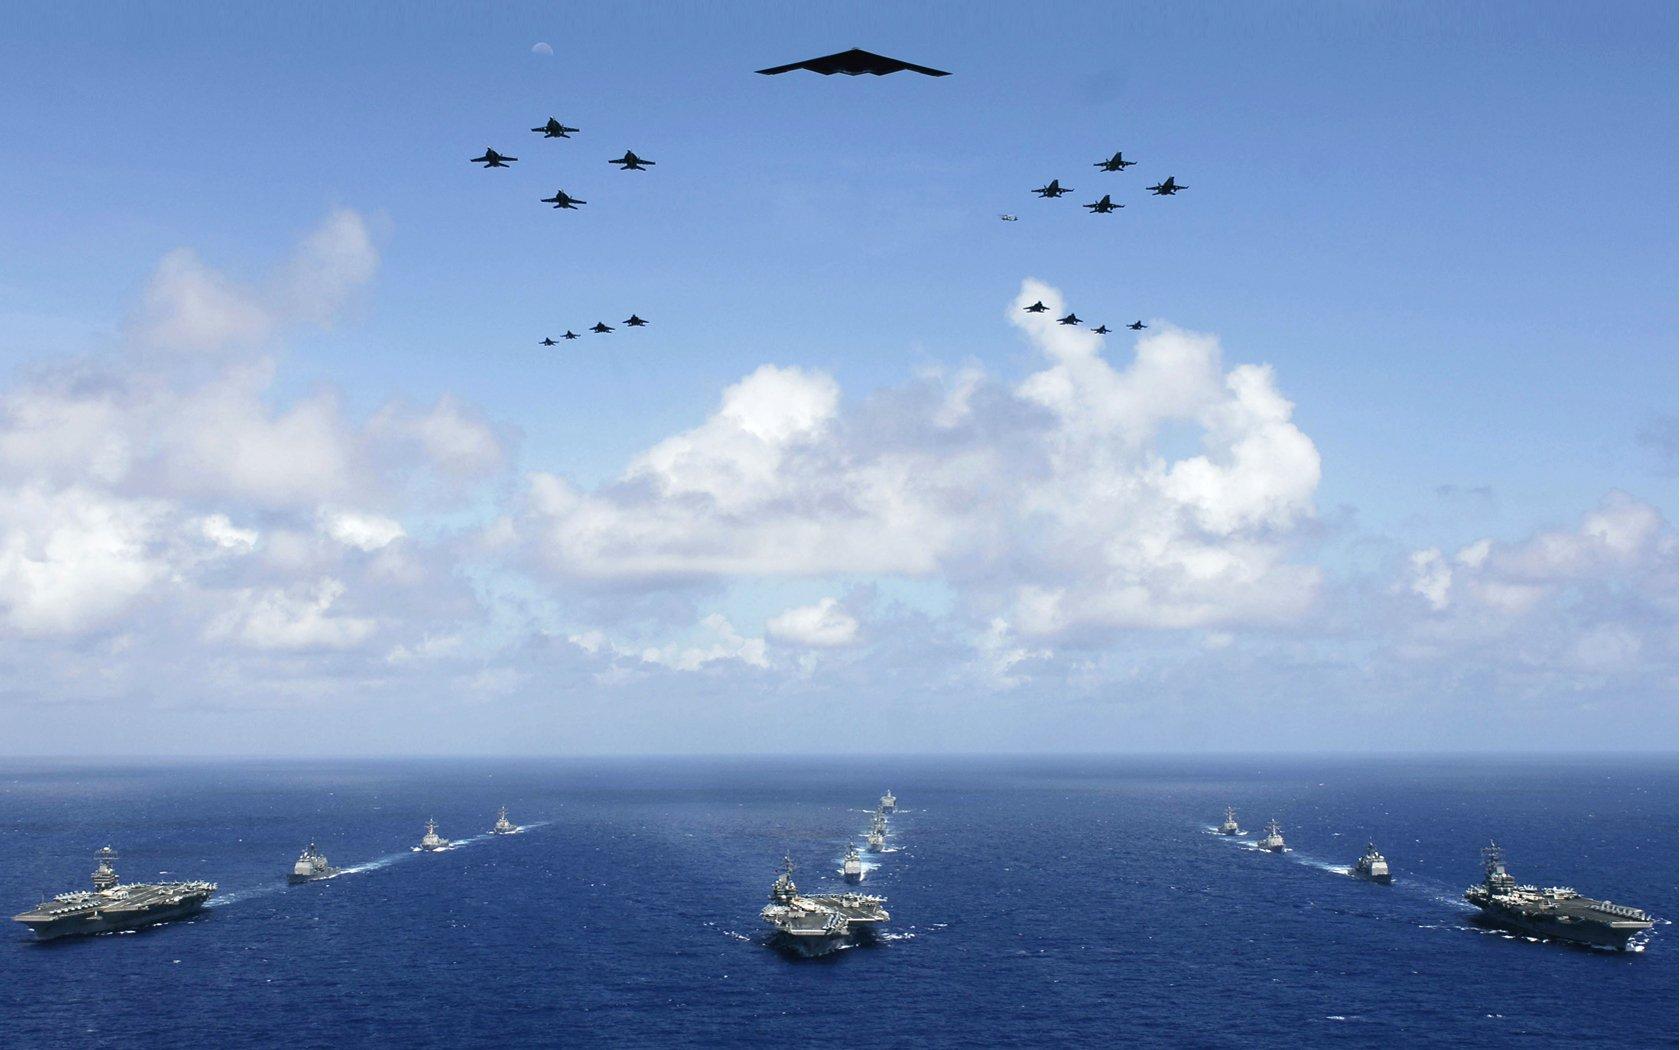 ایالات متحده و چین؛ قوی ترین نیروهای دریایی جهان از لحاظ کیفیت و کمیت